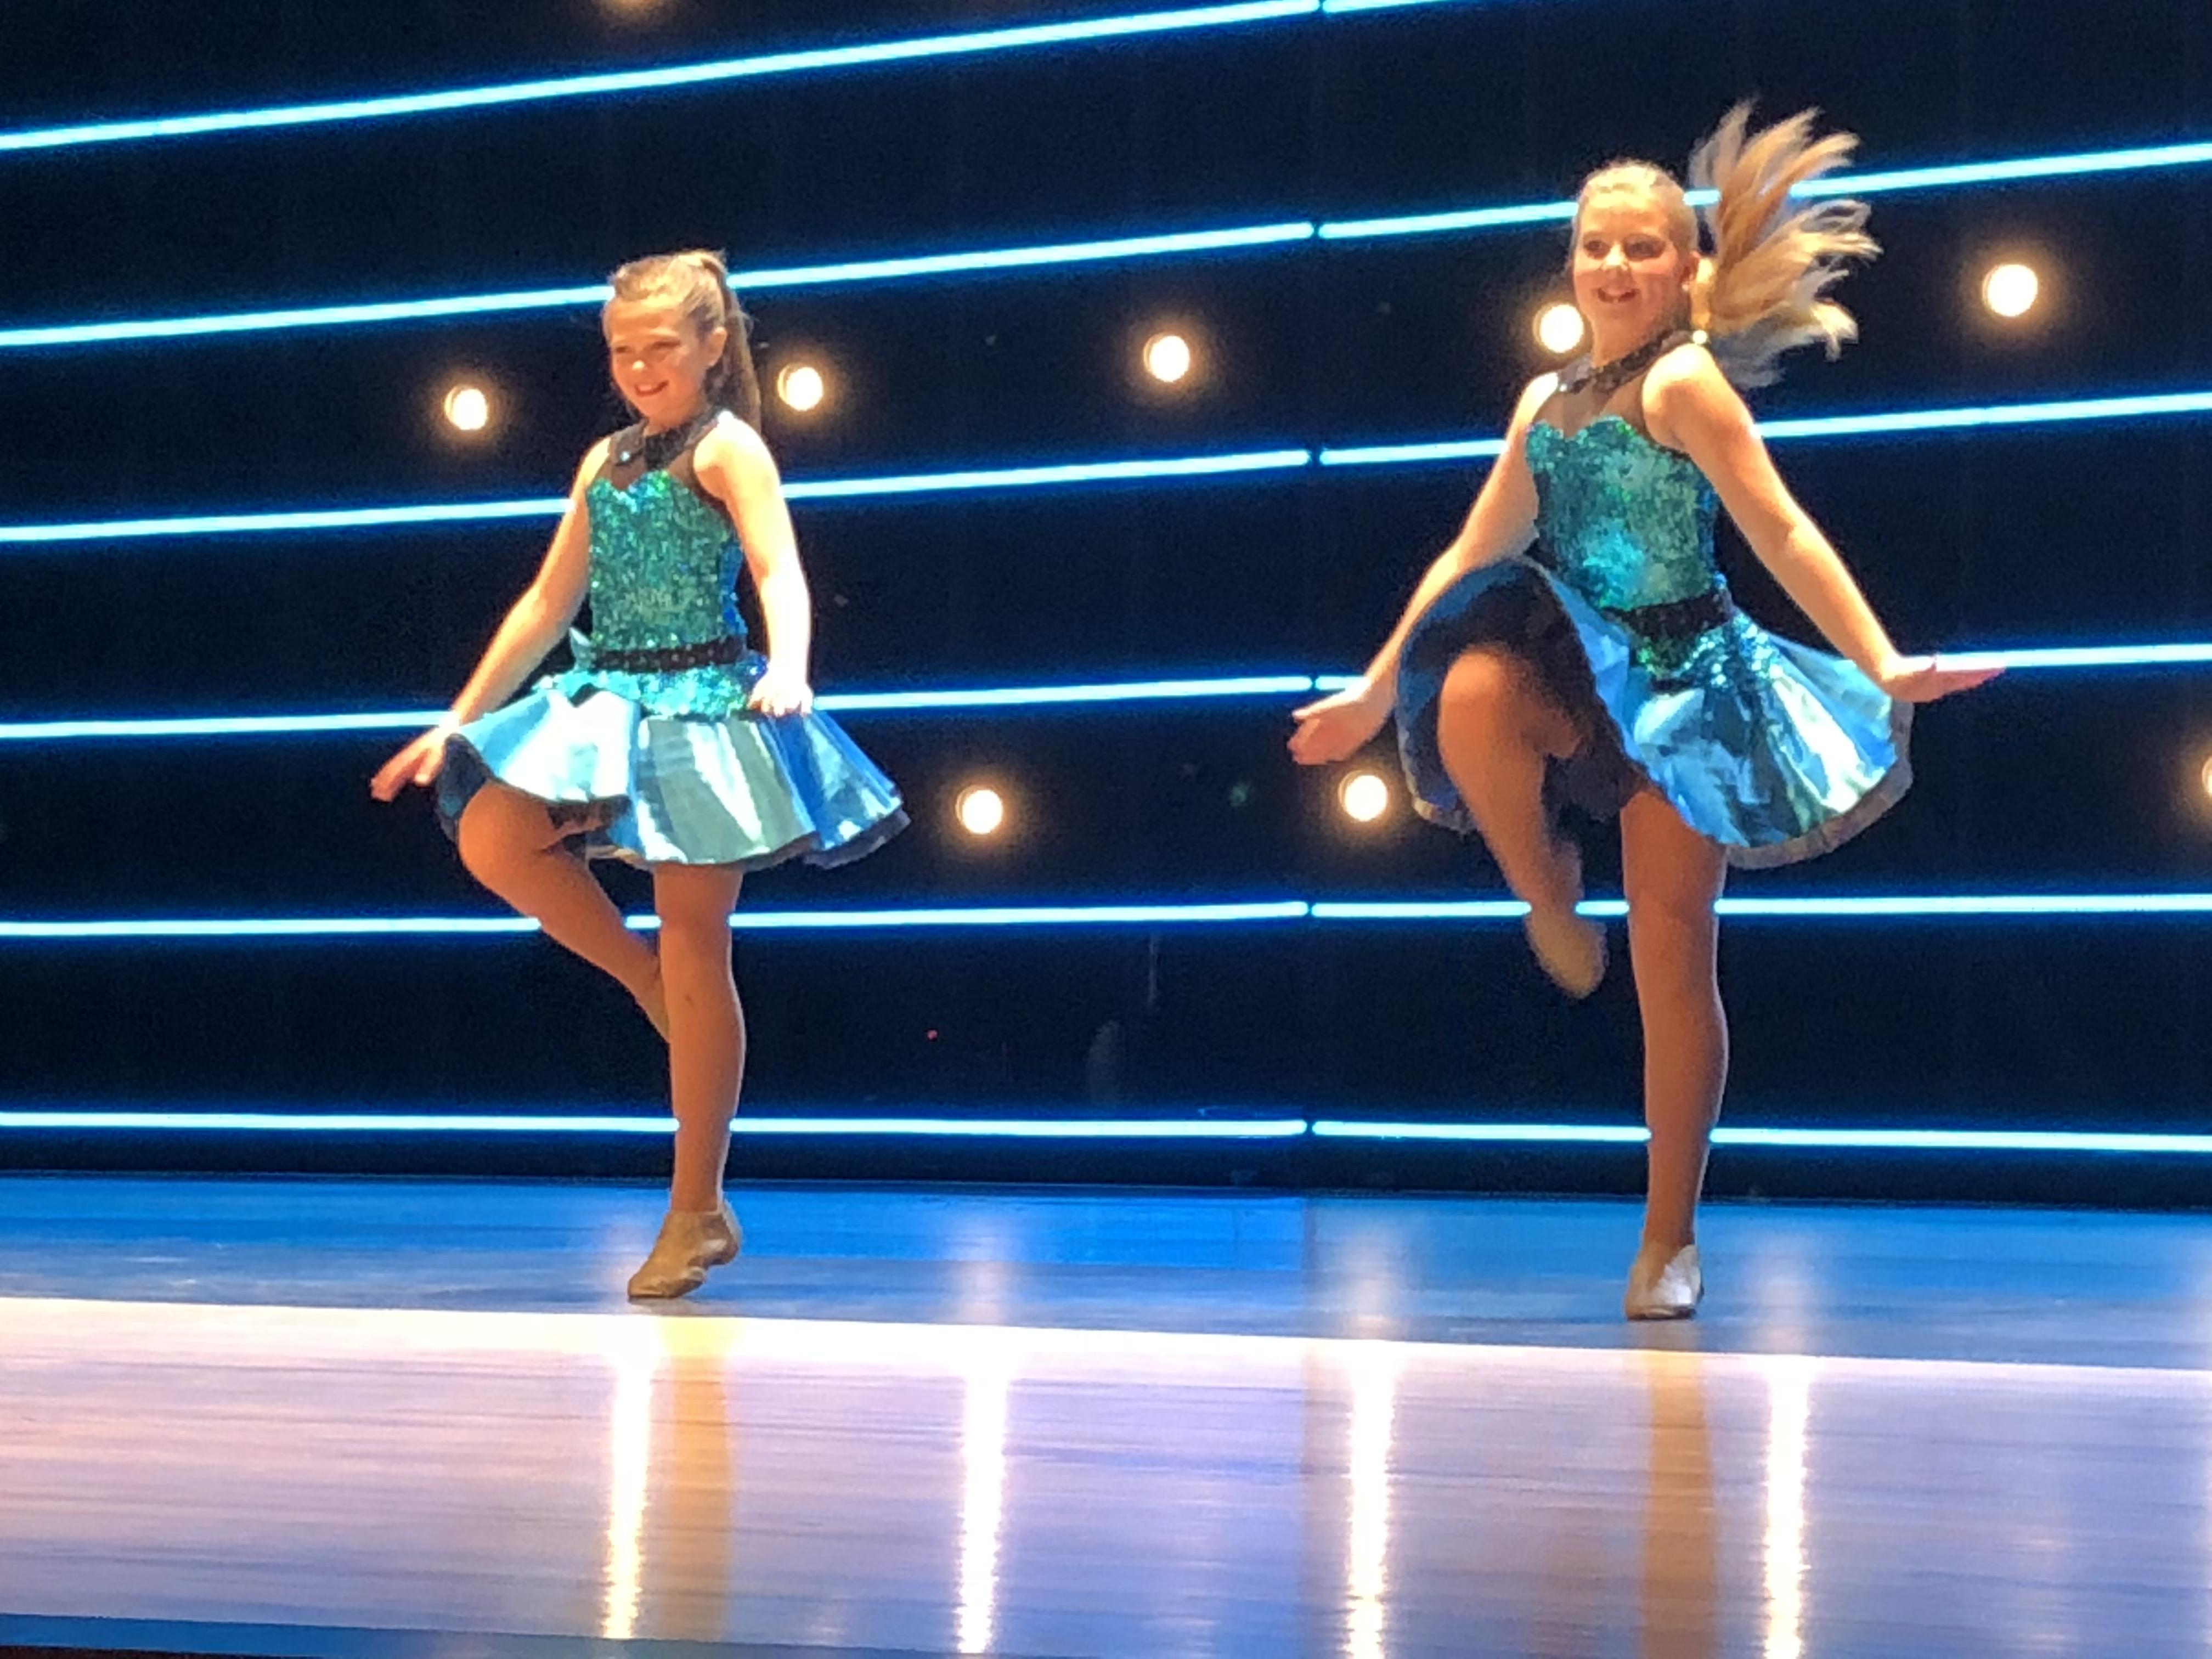 A Dancing Duo